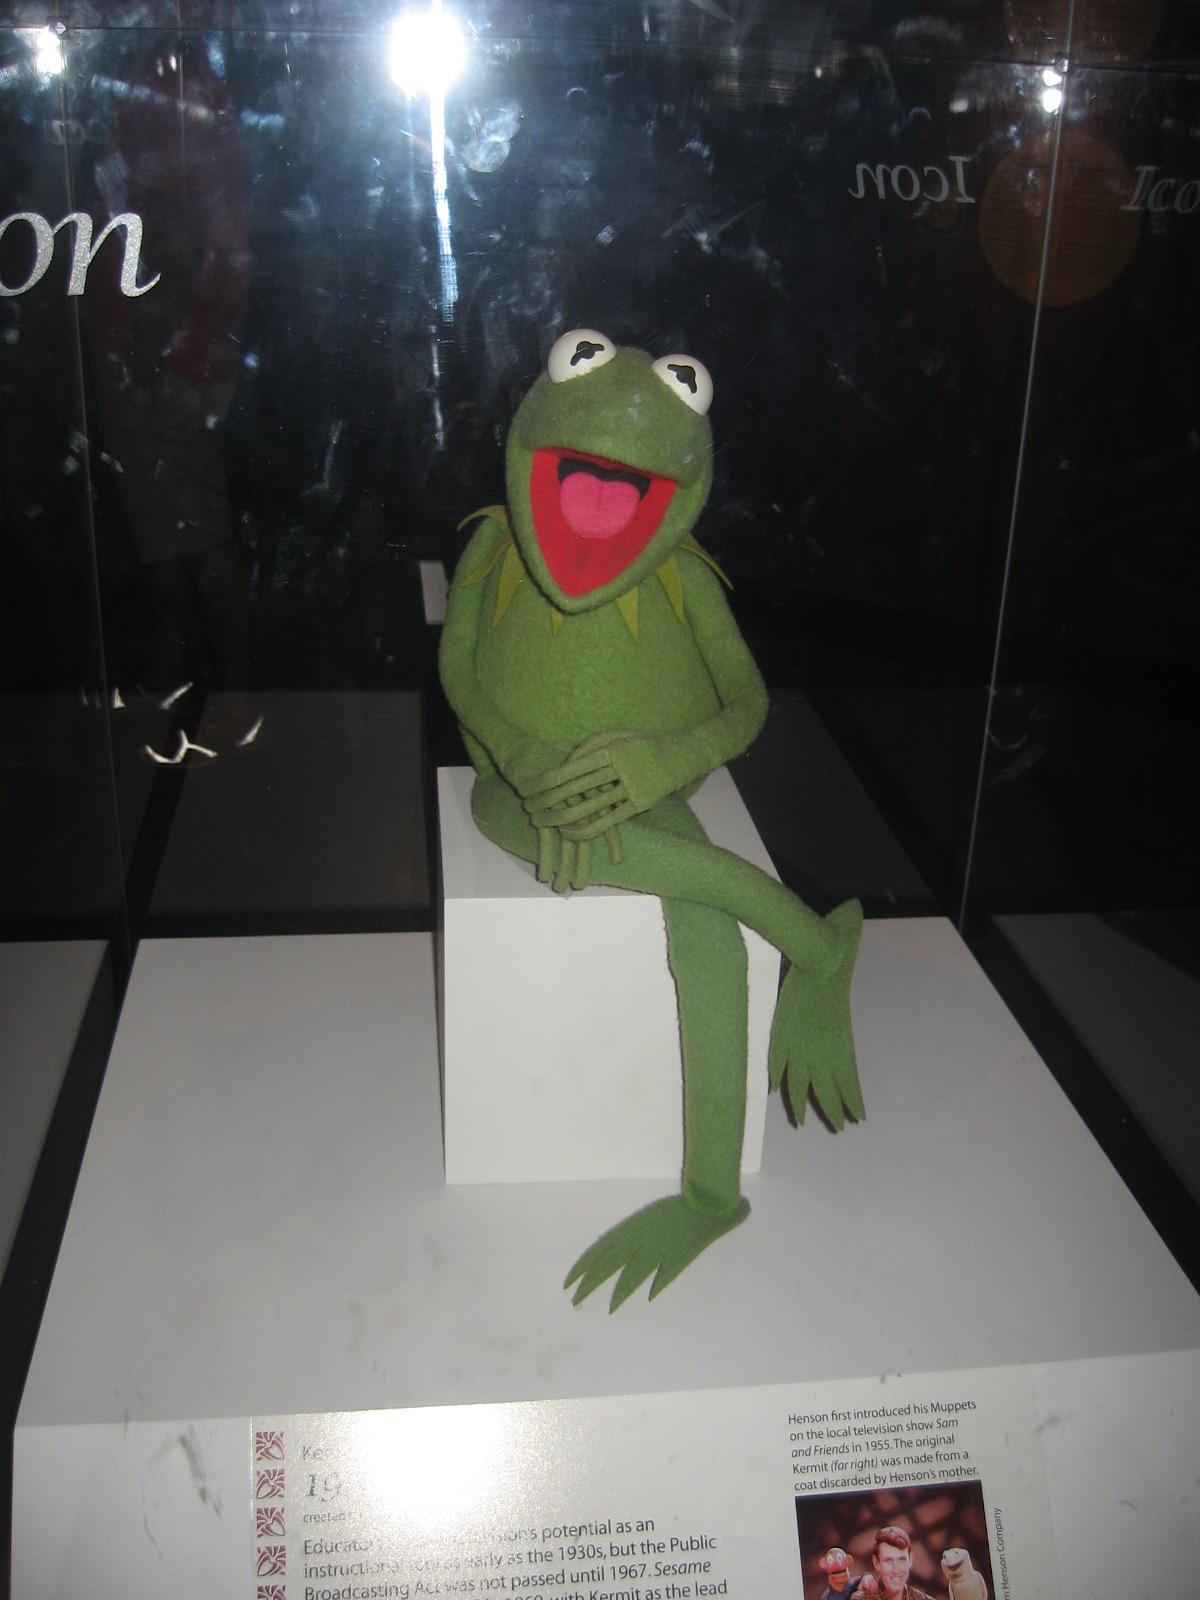 http://1.bp.blogspot.com/-fPQmnz8fg4M/UDG1G_qgqeI/AAAAAAAABZ0/xQ5LlKDML44/s1600/Kermit+the+Frog+Puppet.JPG